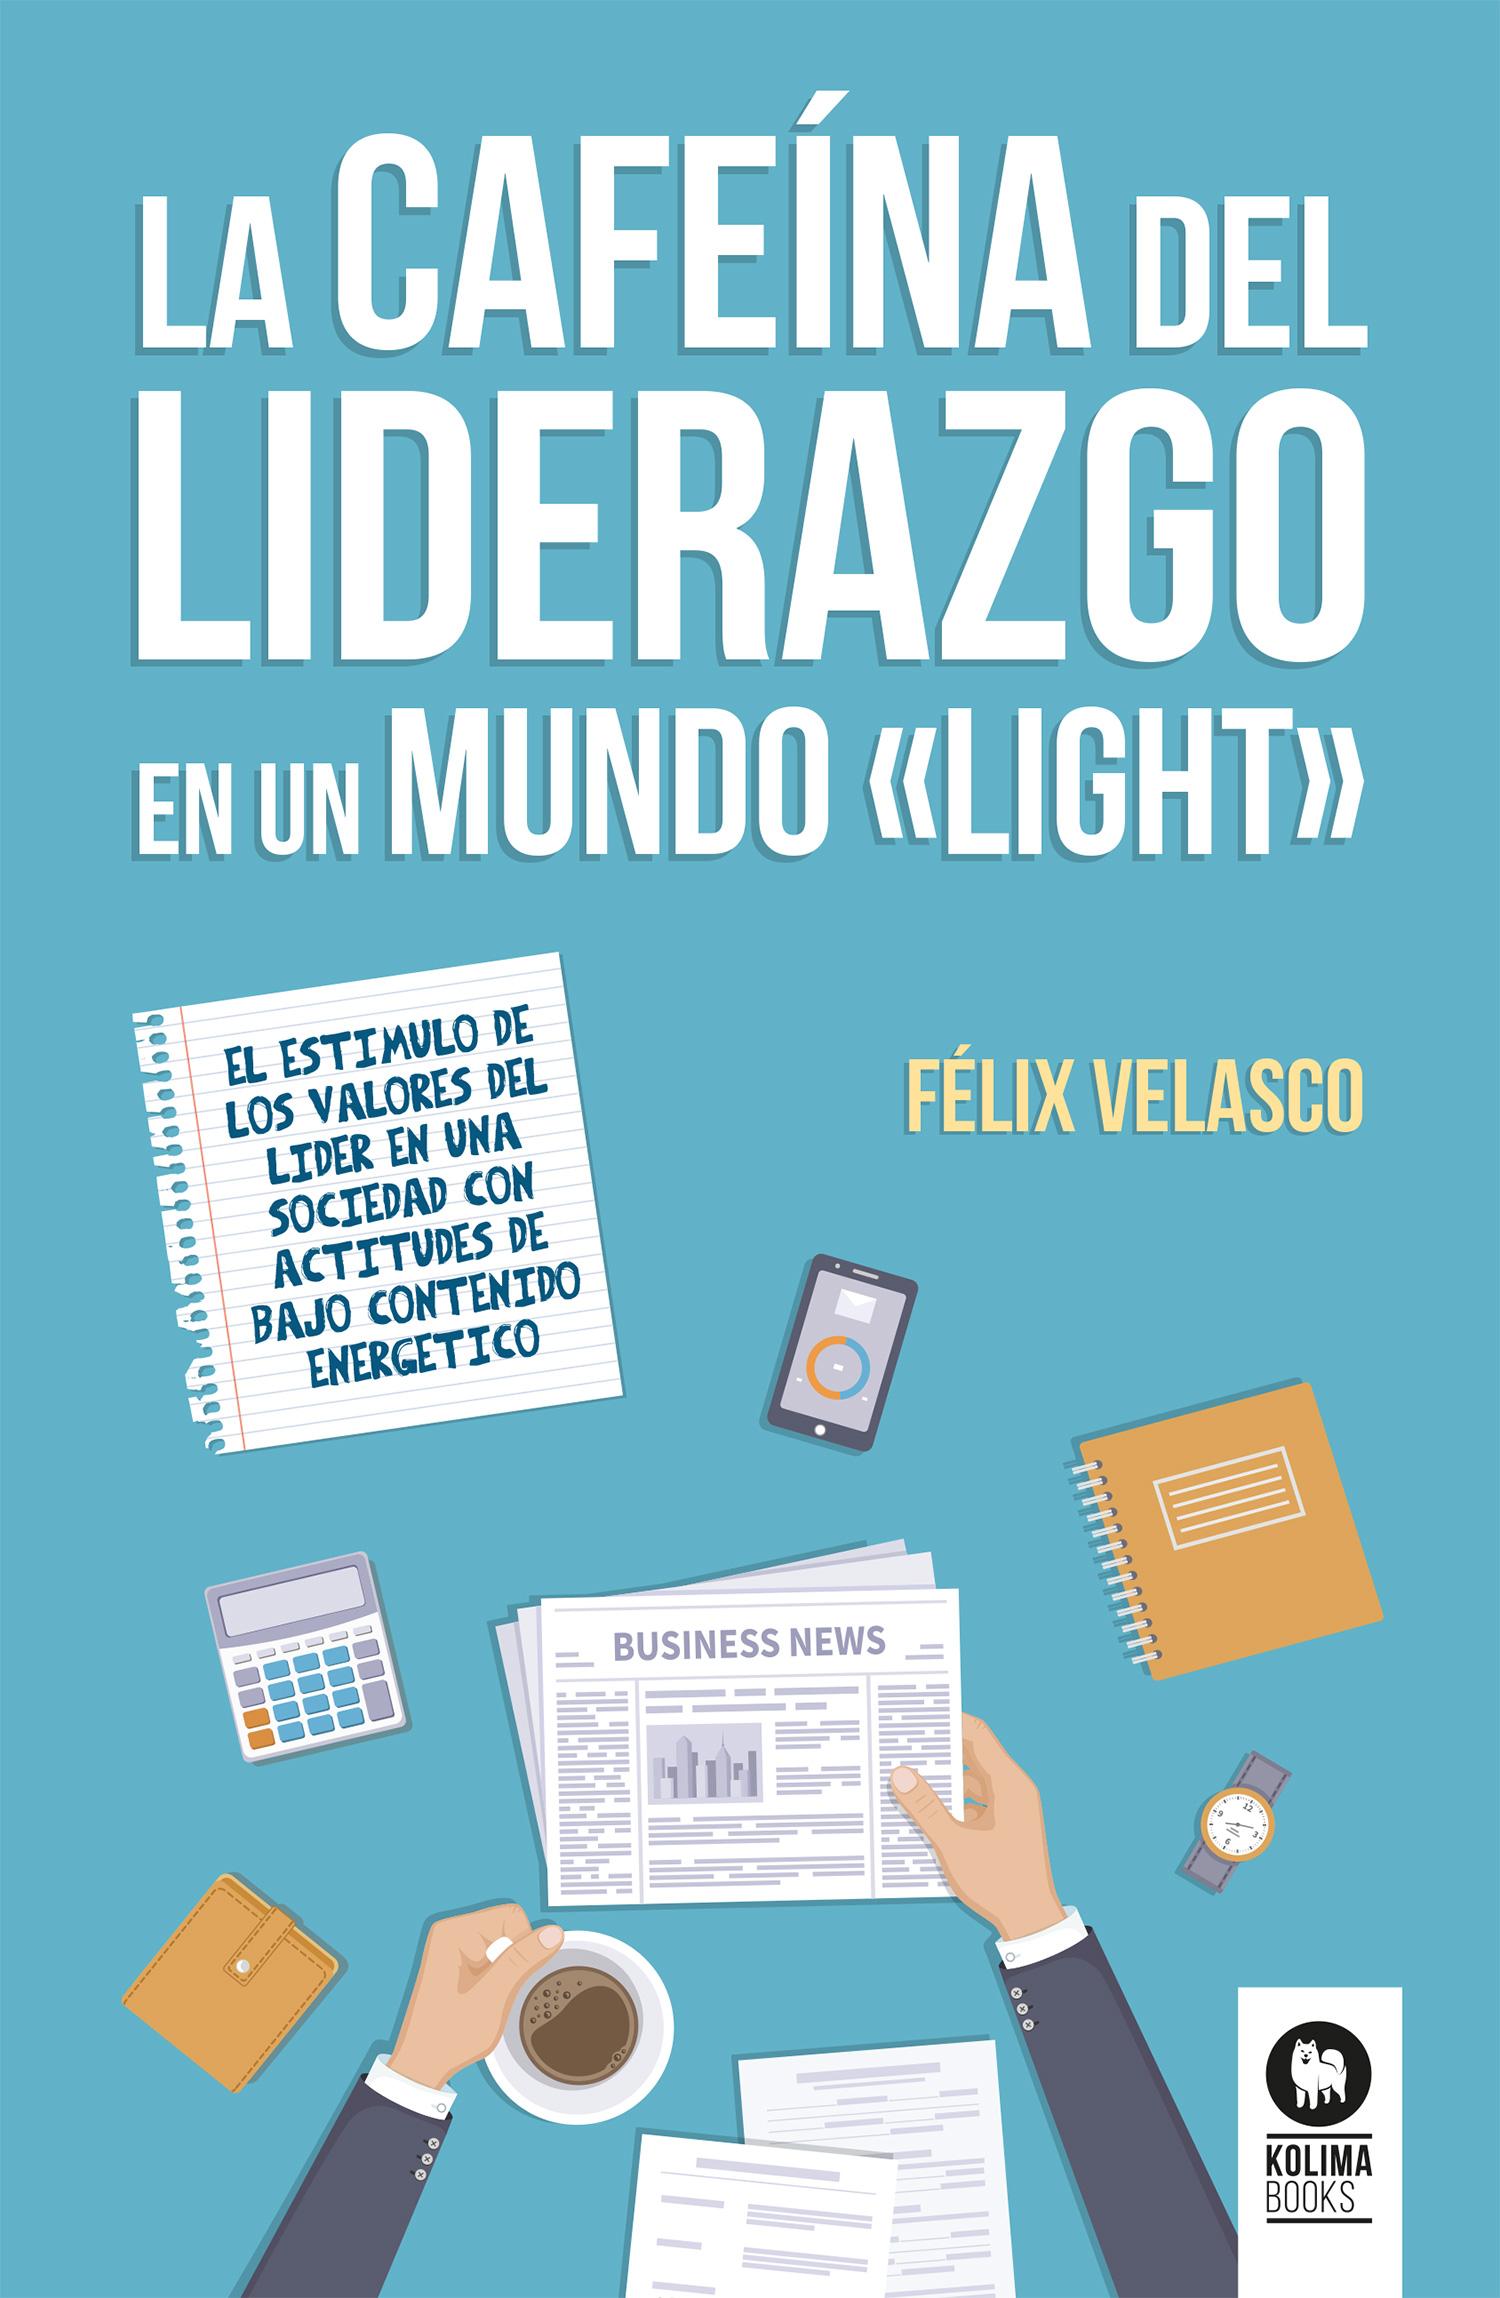 Félix Velasco Álvaro La cafeína del liderazgo en un mundo light pablo nachtigall inteligencia emocional en la empresa como desarrollar un liderazgo optimo